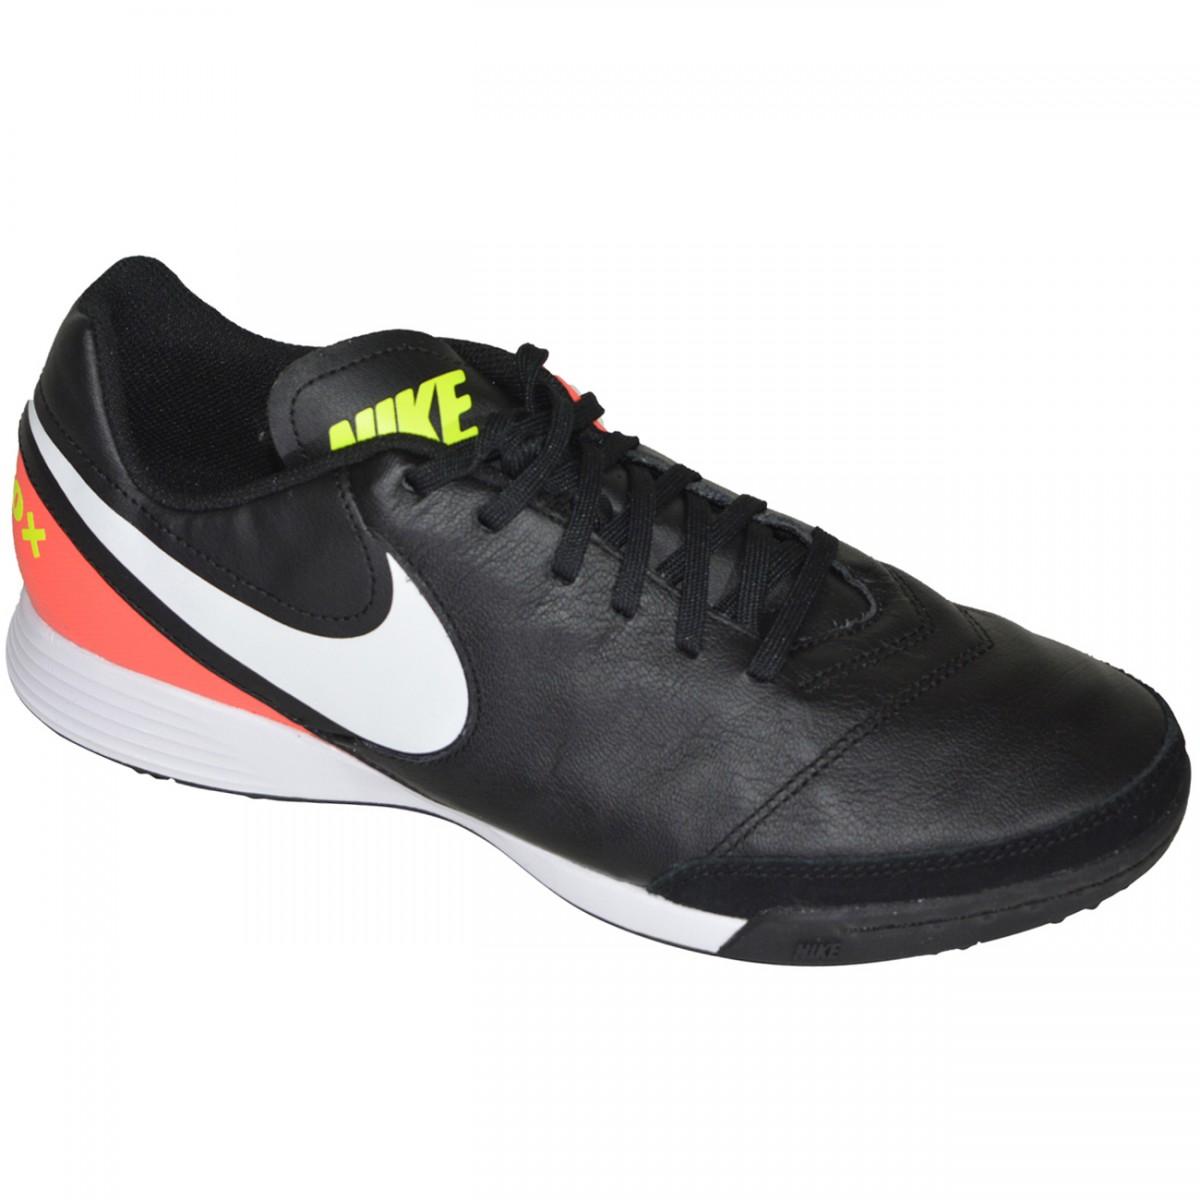 254d68964584e Chuteira Society Nike Tiempox Genio II Leather 819216 018 -  Preto/Coral/Branco - Chuteira Nike, Adidas. Sandalias Femininas. Sandy  Calçados